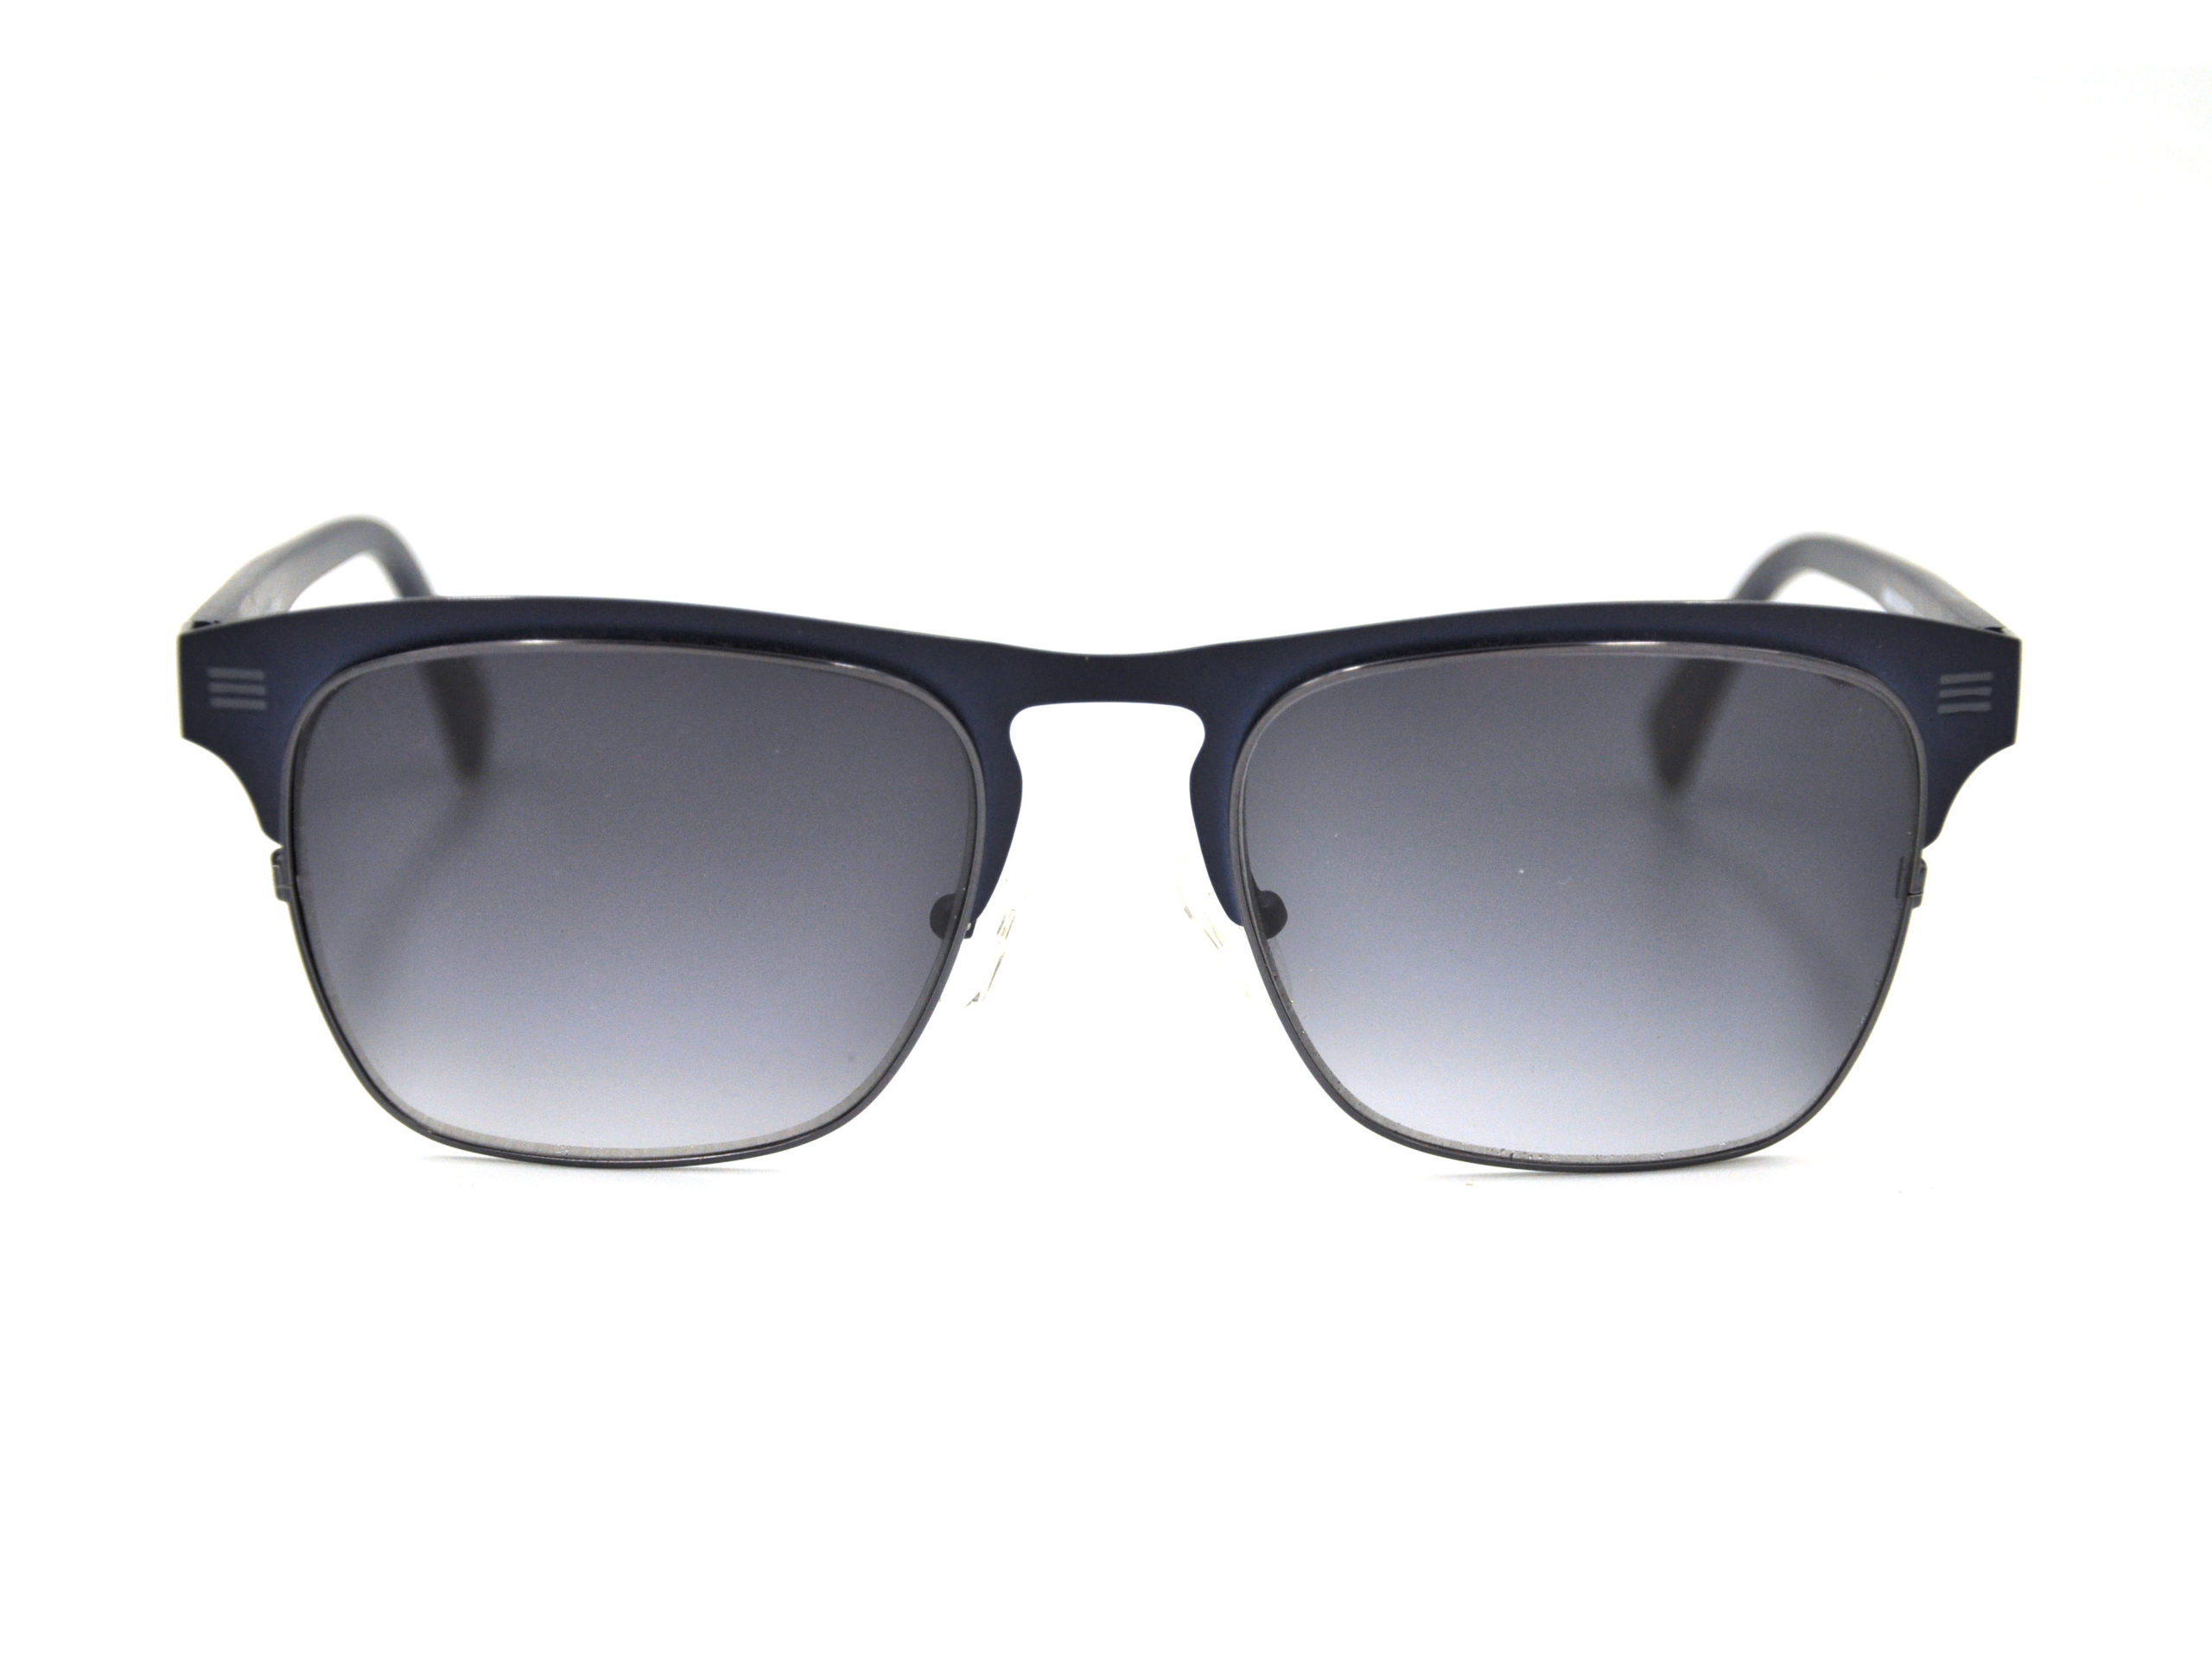 Γυαλιά ηλίου Moritz MZ11331 MJ04 Πειραιάς